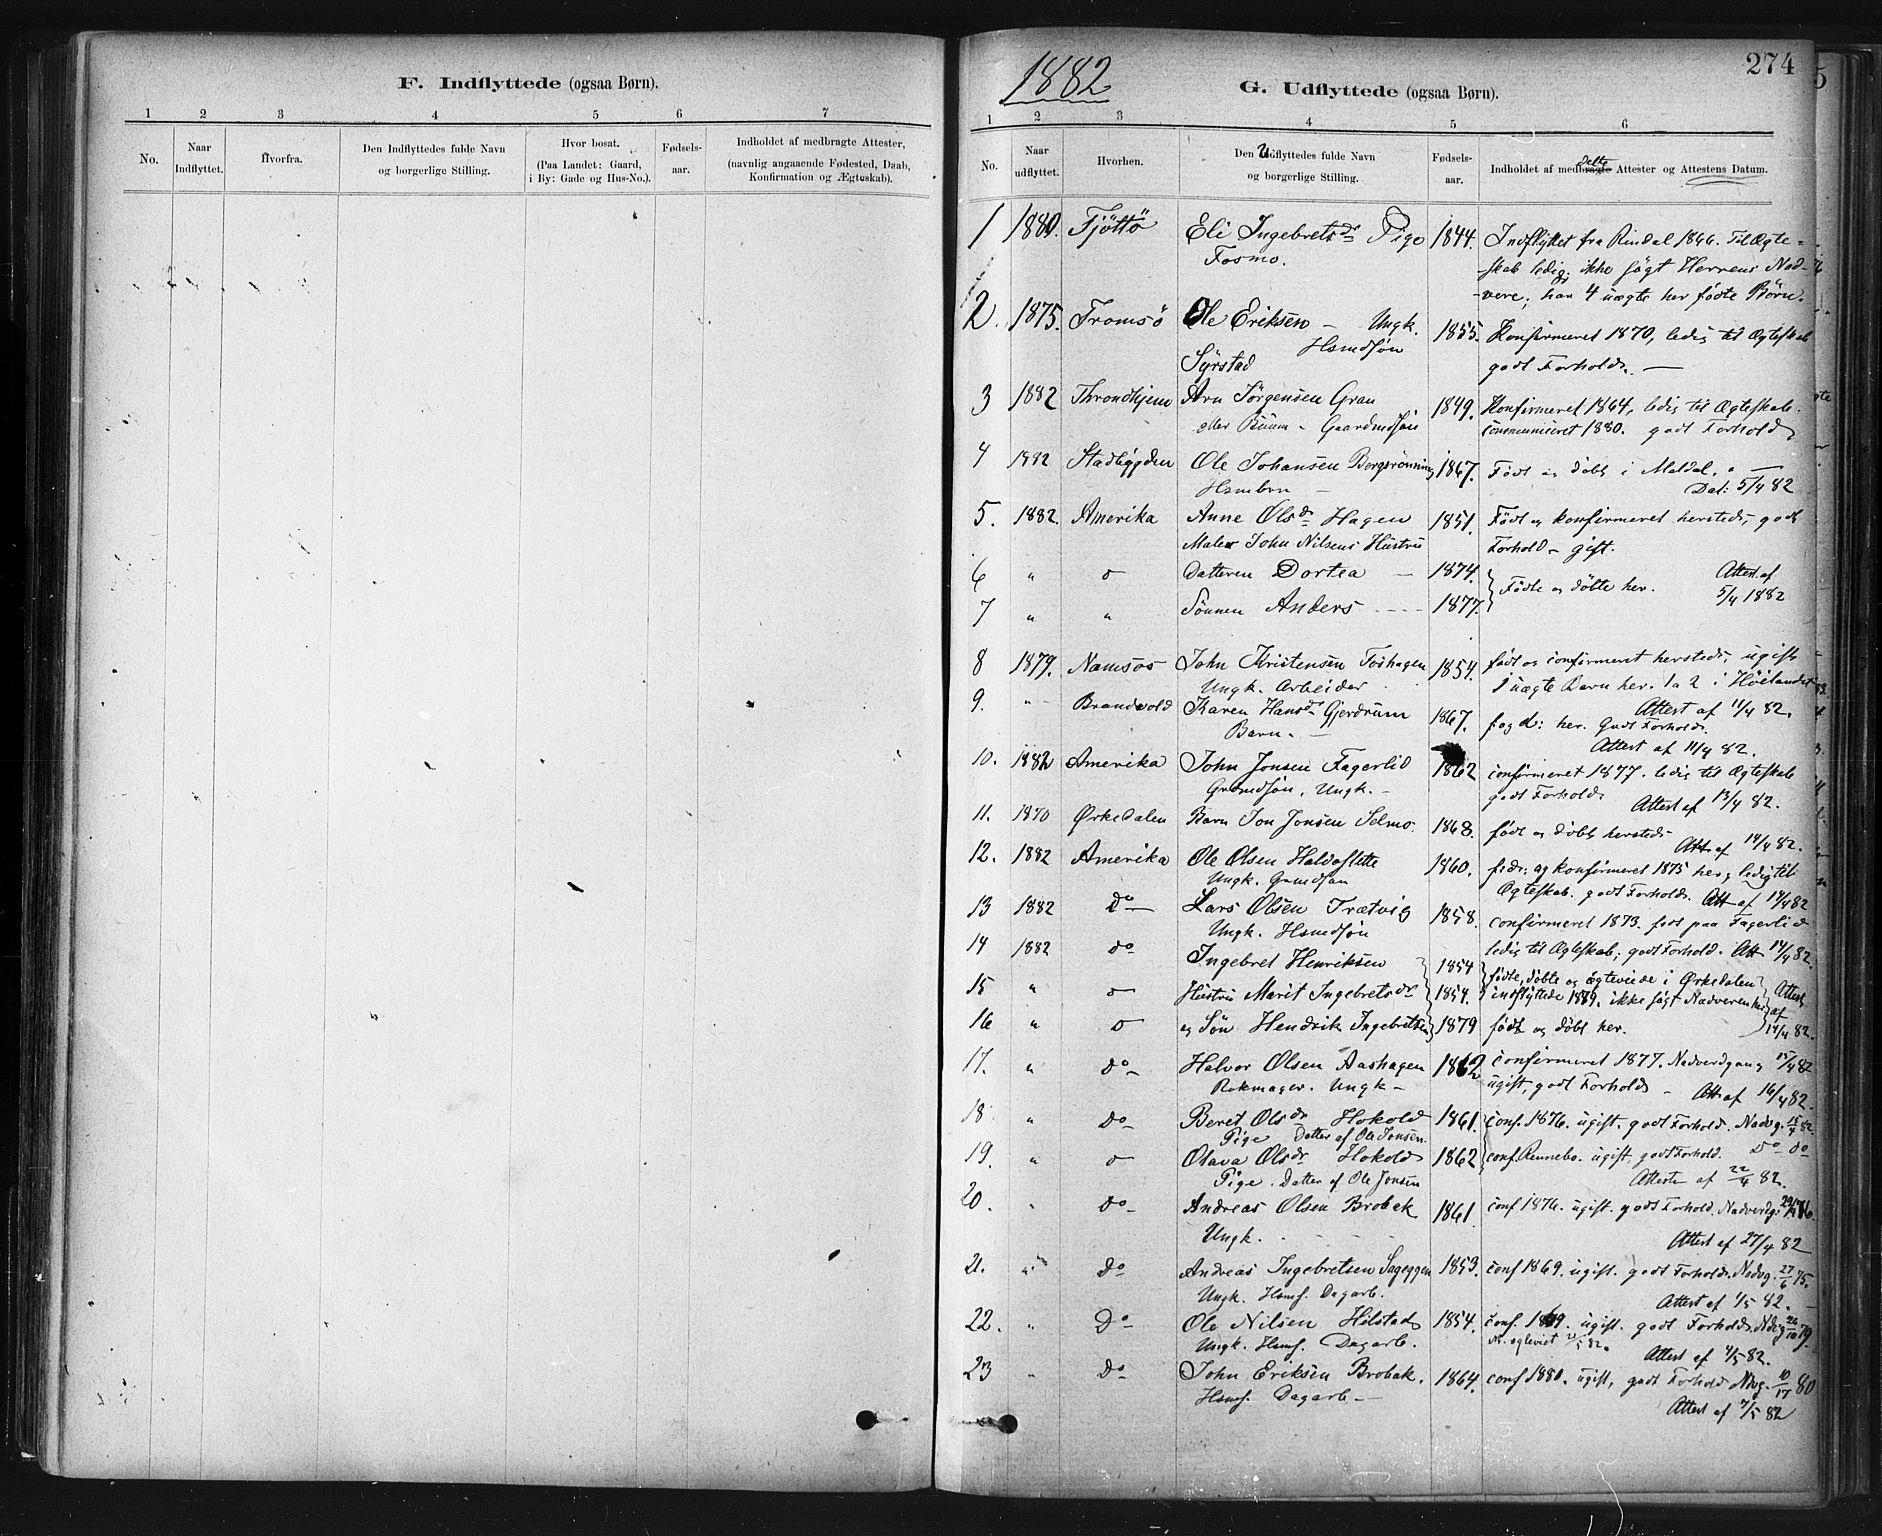 SAT, Ministerialprotokoller, klokkerbøker og fødselsregistre - Sør-Trøndelag, 672/L0857: Ministerialbok nr. 672A09, 1882-1893, s. 274